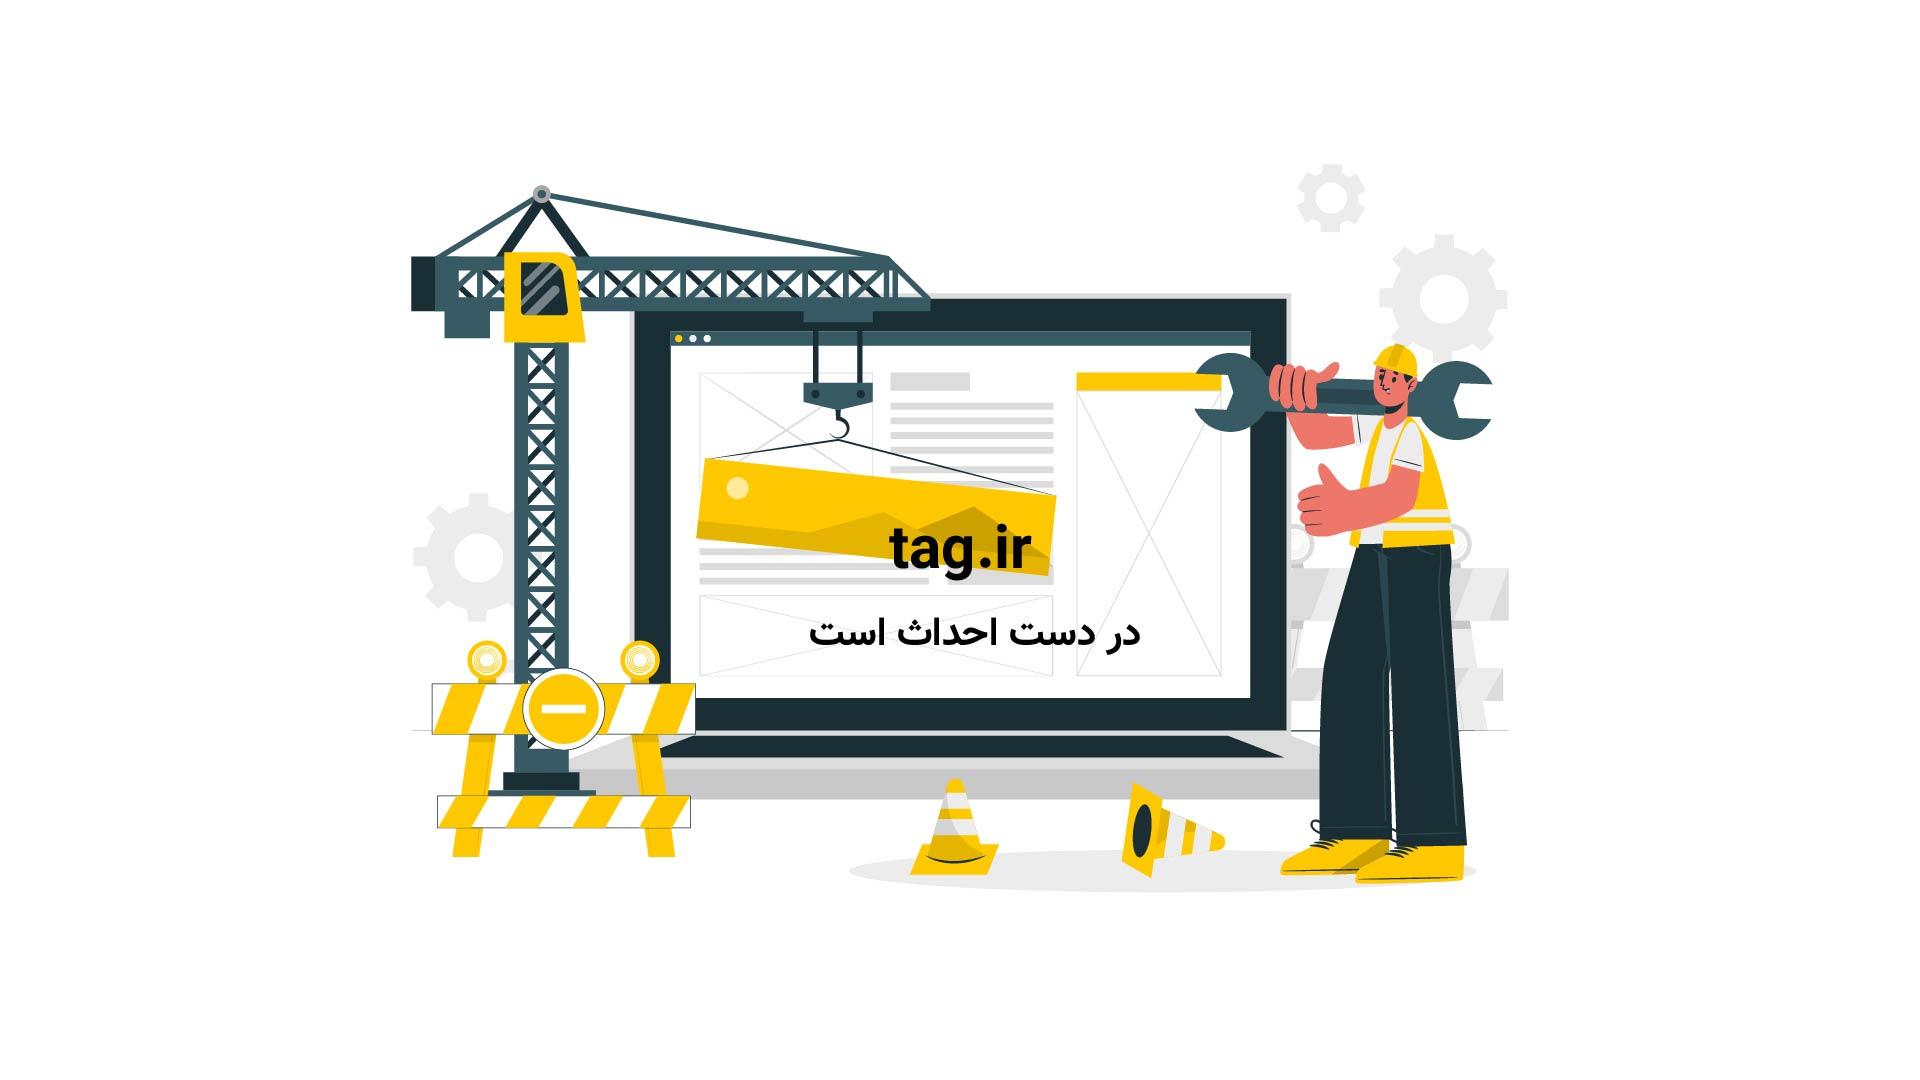 3 نفر کشته و 7 زخمی در حادثه تیراندازی در میدان تیر آموزشی | فیلم